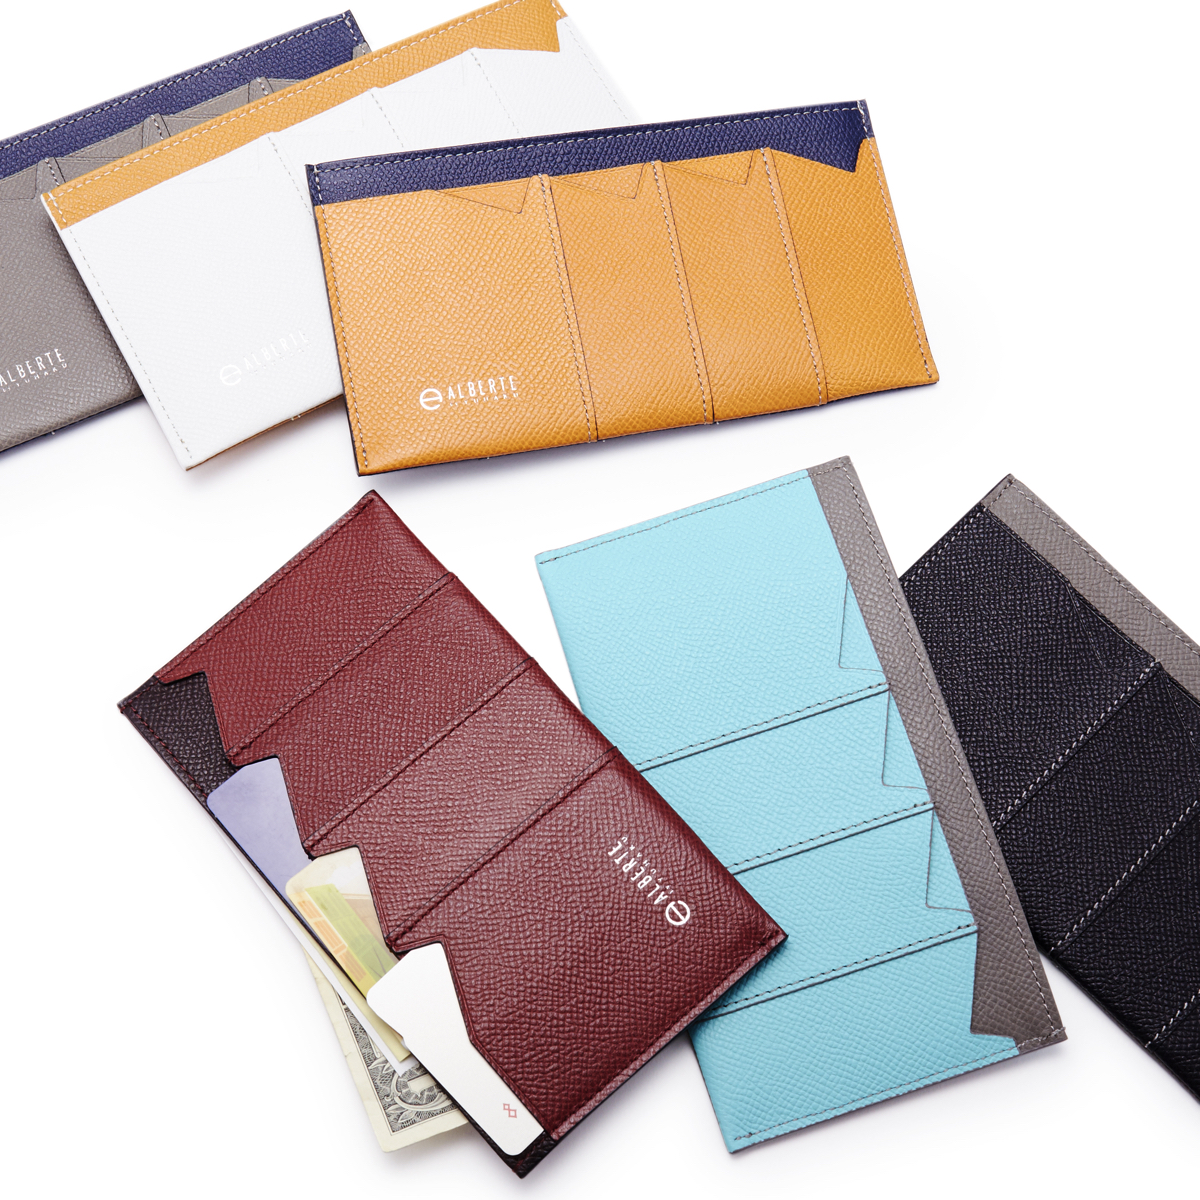 通帳やパスポートを入れて持ち歩きたいならカードホルダーがおすすめ。持ち歩きに便利なコンパクトな薄い財布